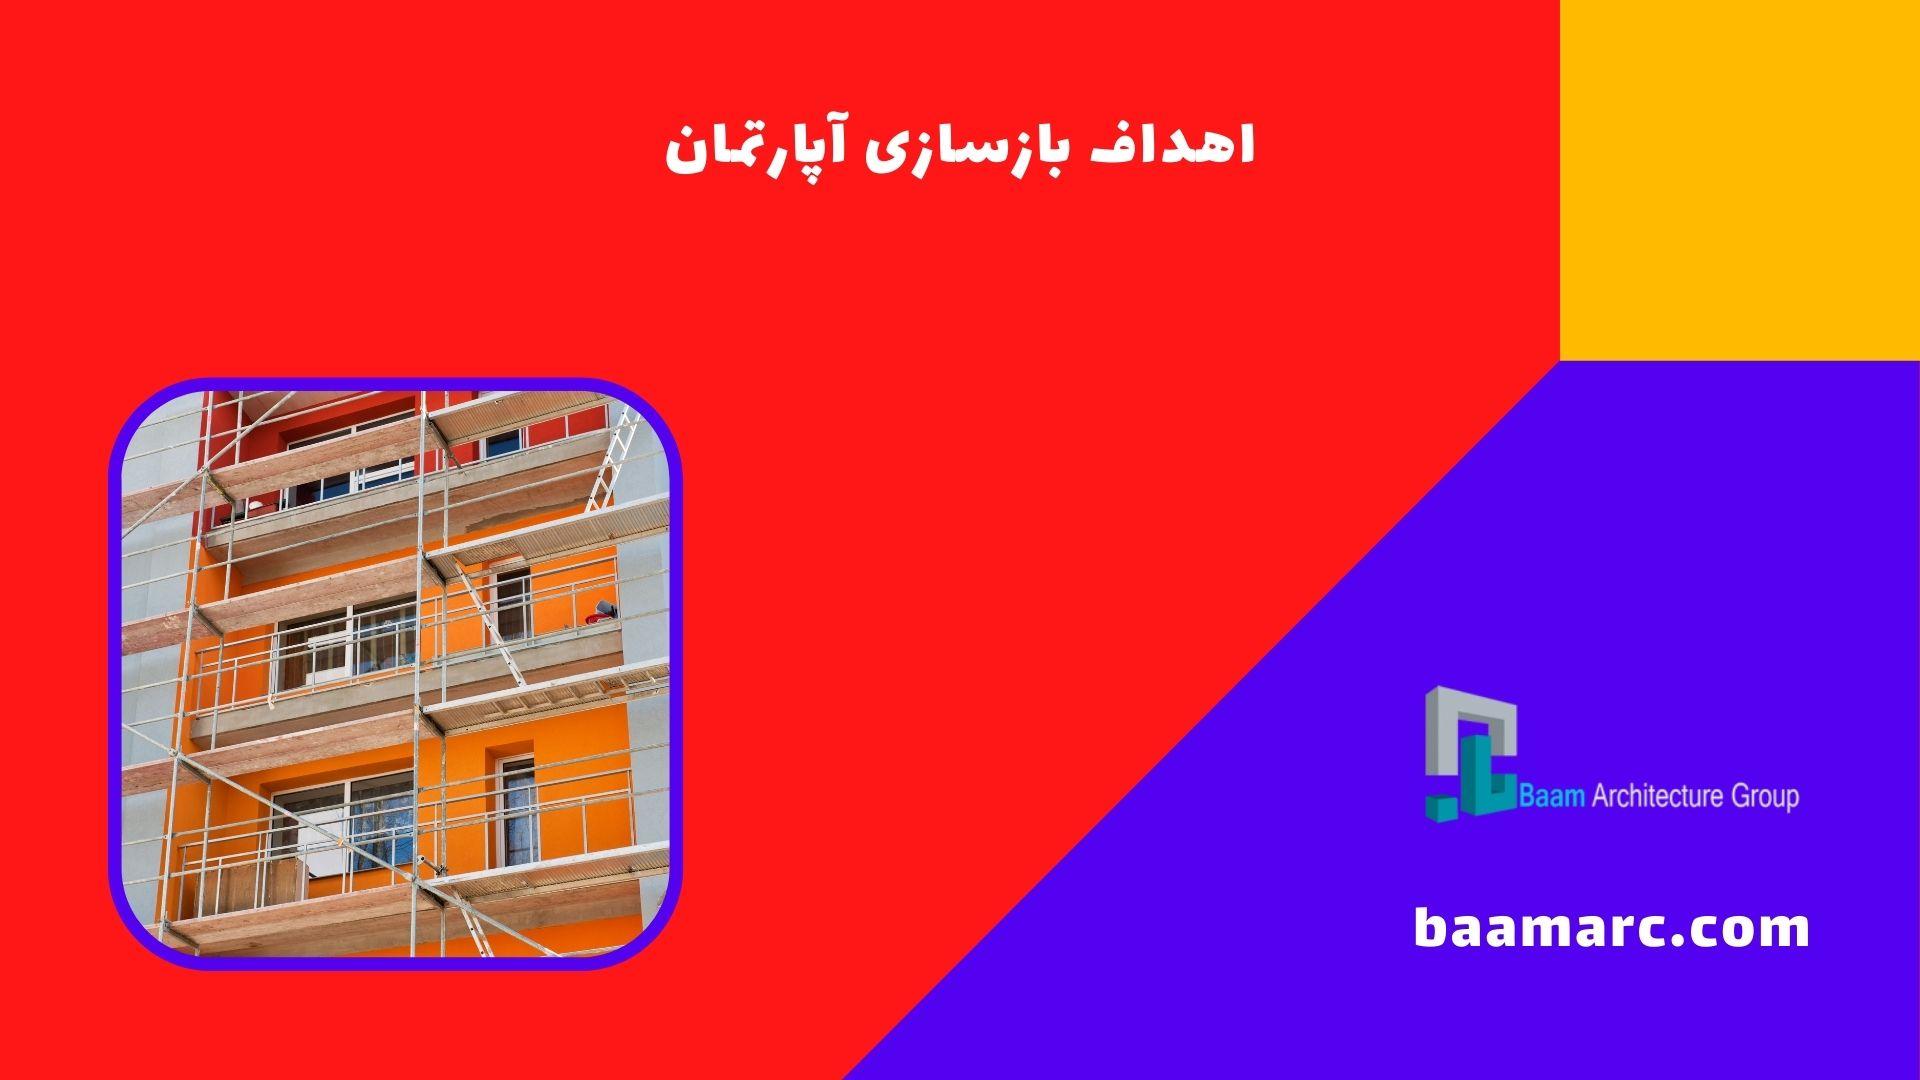 اهداف بازسازی آپارتمان